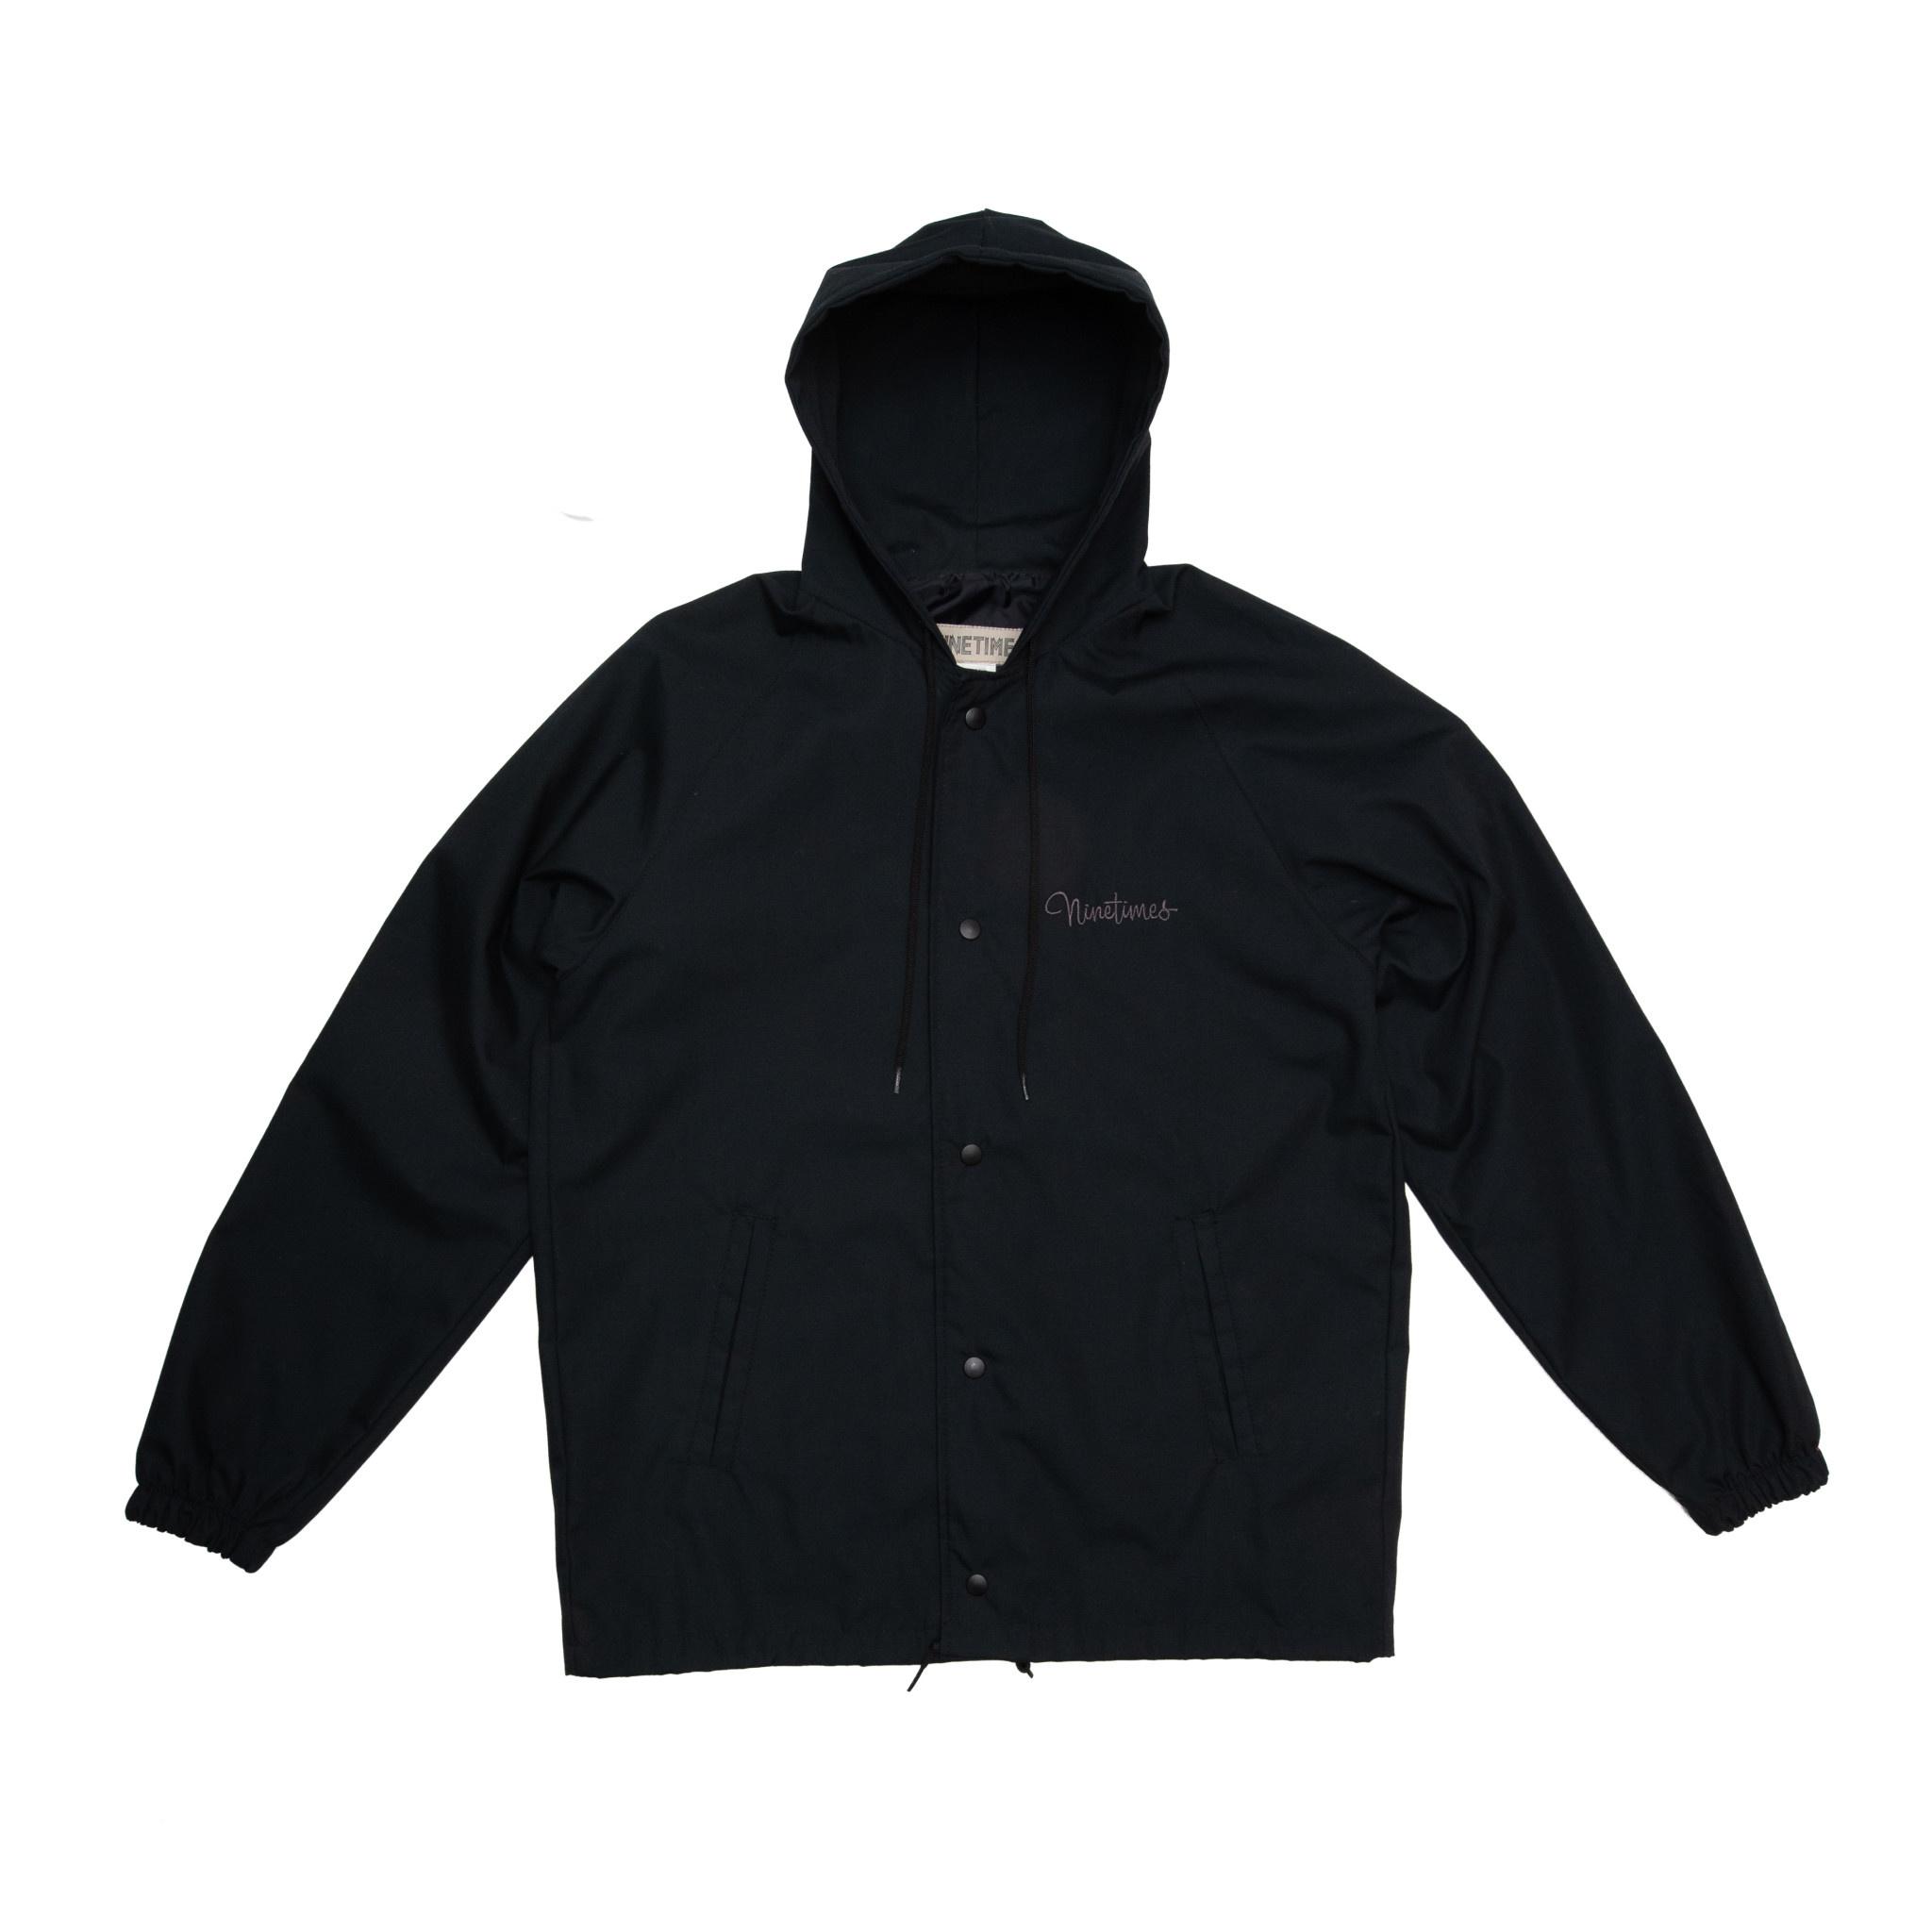 Ninetimes Ninetimes Script Sideliner Jacket - Black